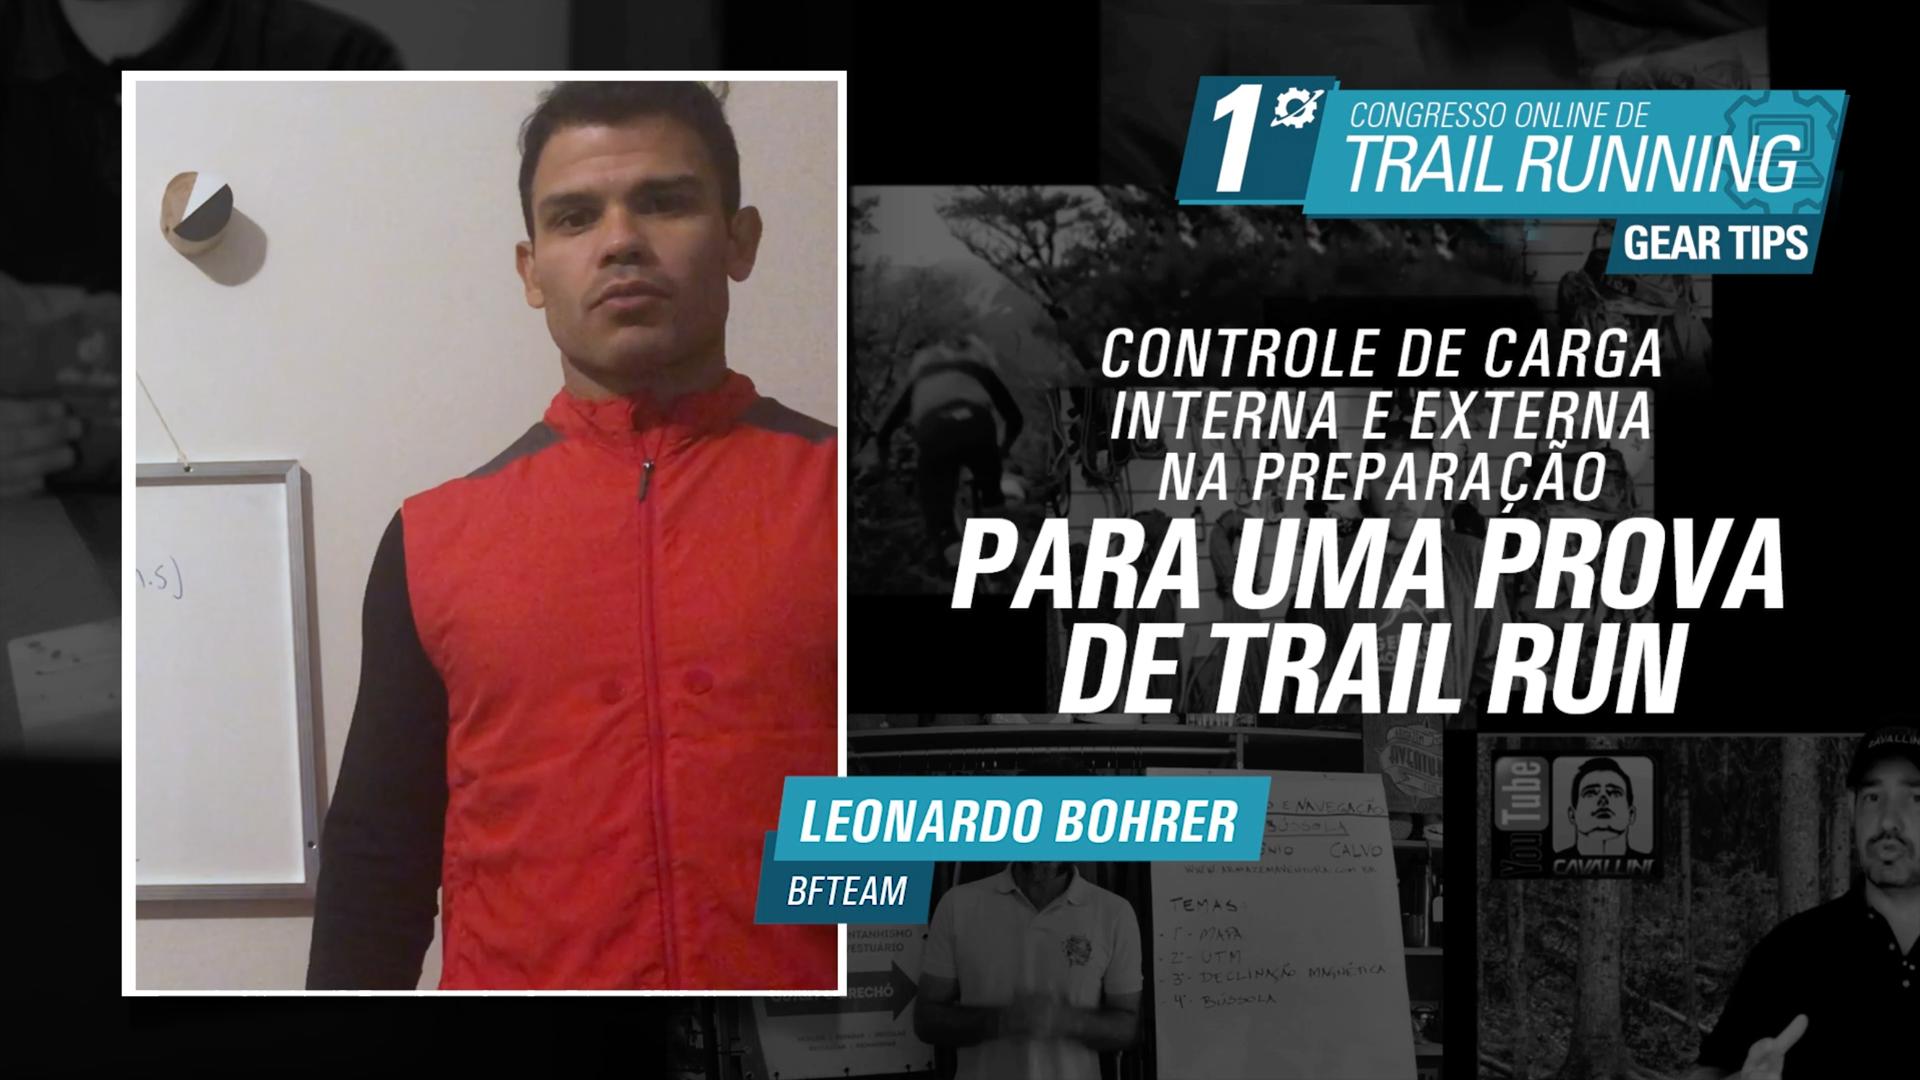 Controle de carga externa e interna na preparação para uma prova de Trail - Leonardo Bohrer